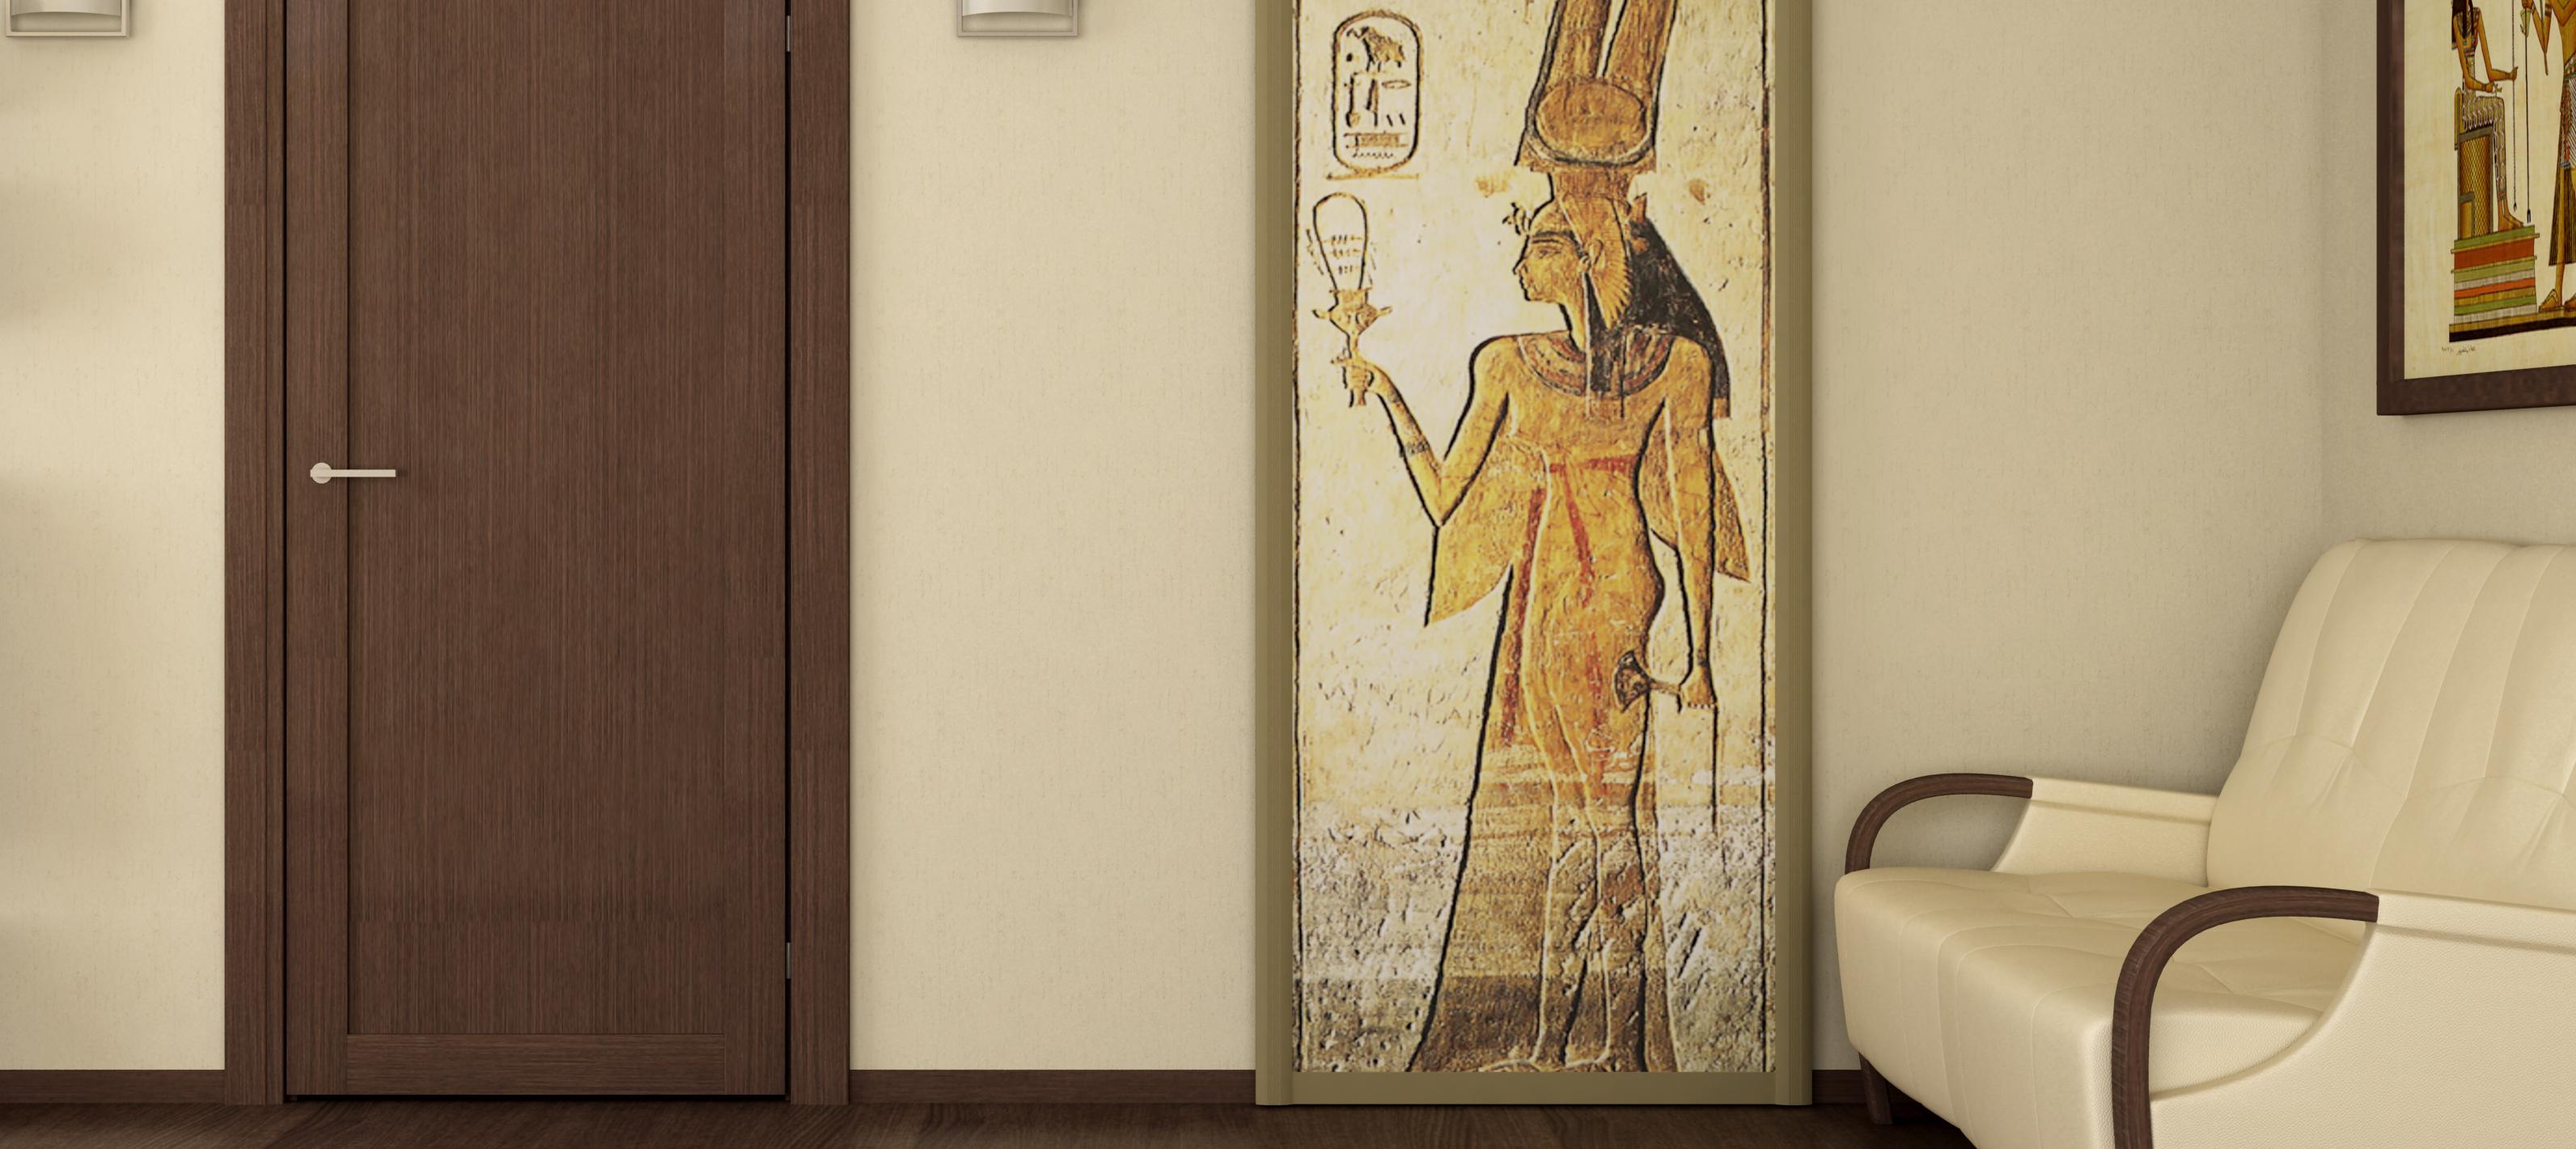 suspended-doors-image-1_cr.jpg